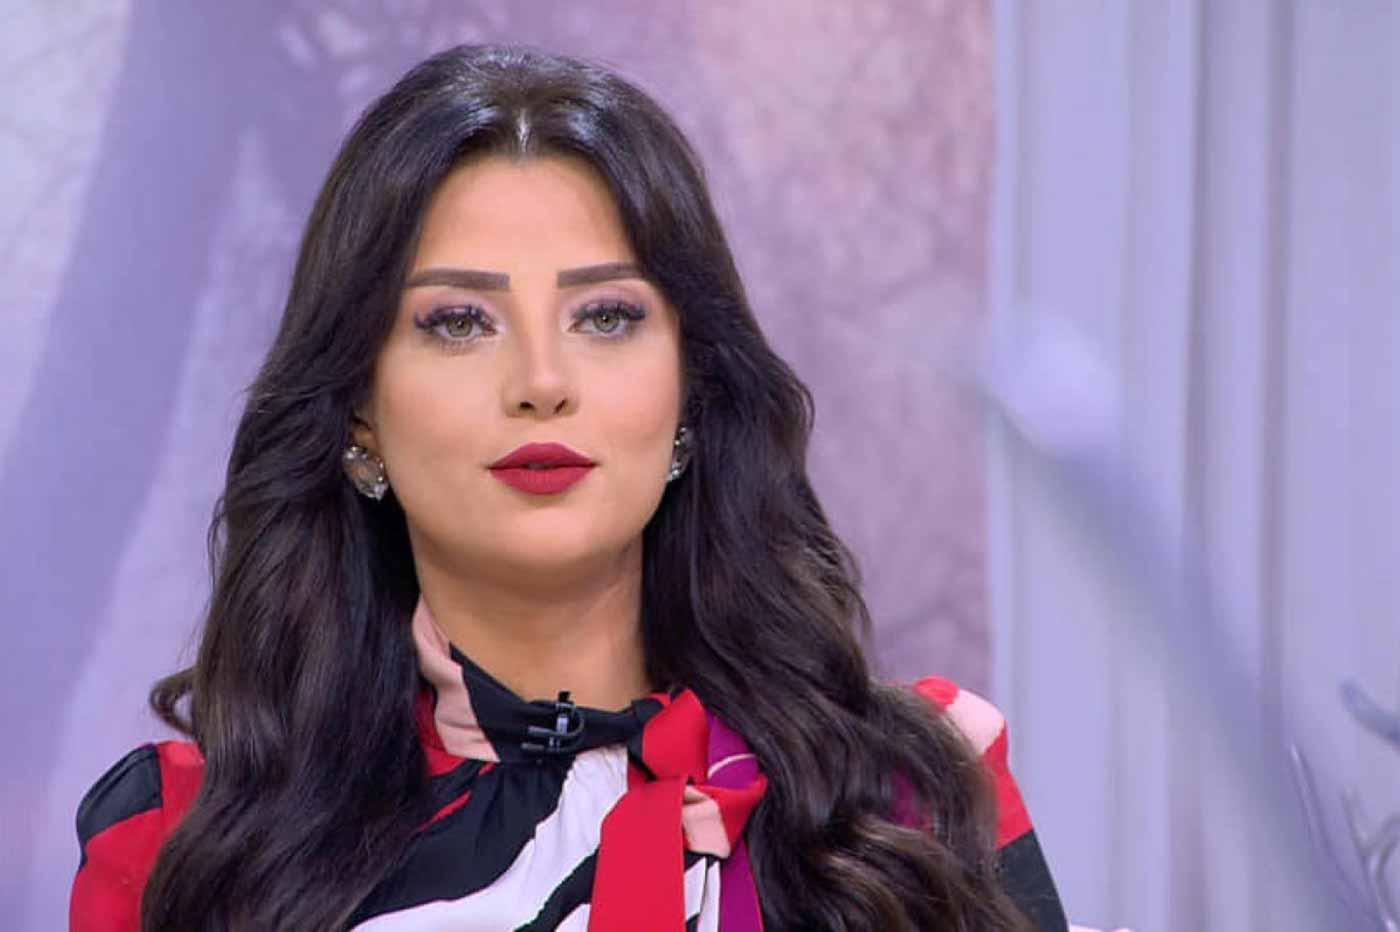 إصابة الإعلامية المصرية رضوى الشربيني وأسرتها بفيروس كورونا